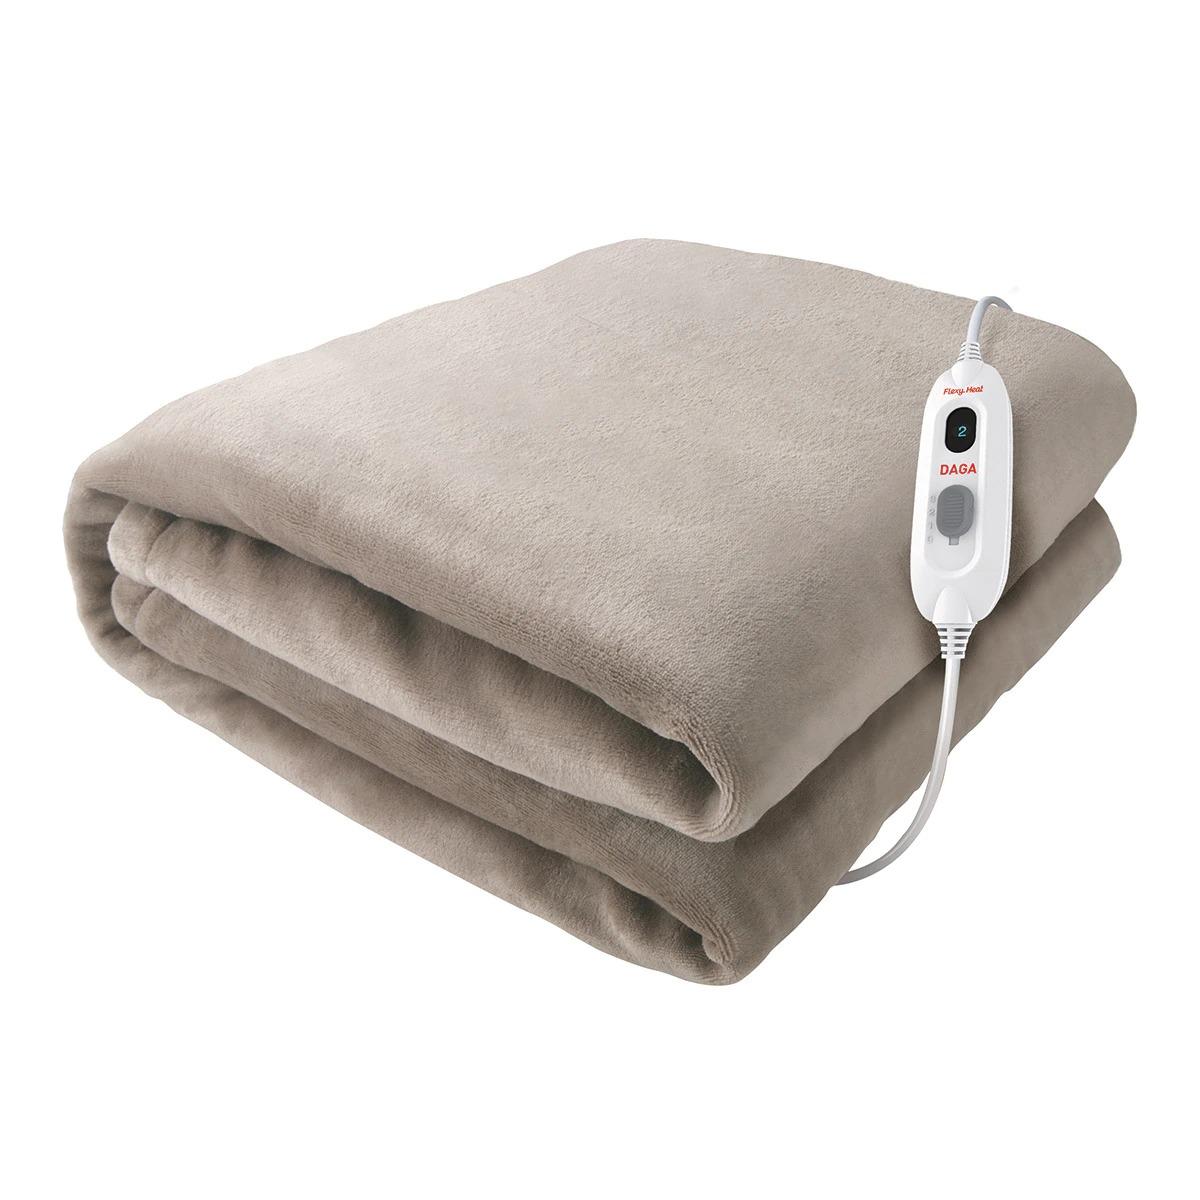 DAGA Manta eléctrica de sofá doble Daga Softy Plus  softy-plus/